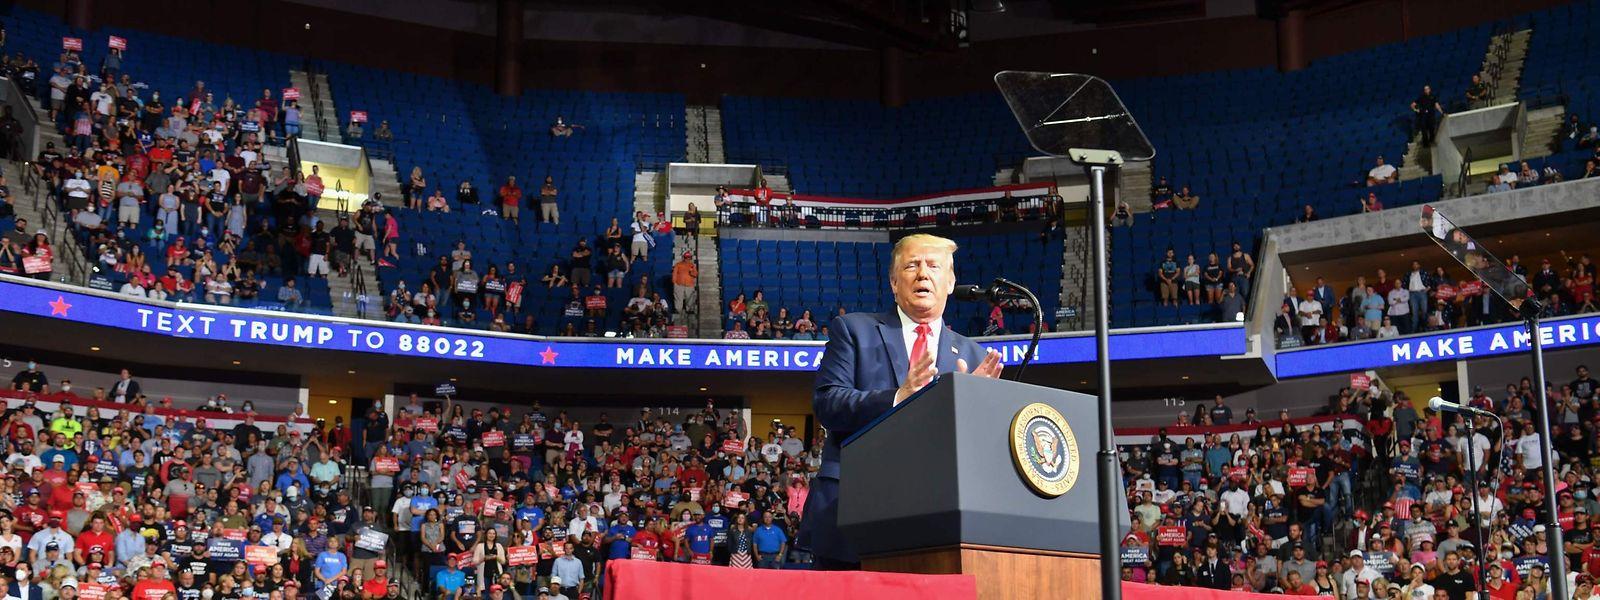 Donald Trump wurde stark kritisiert weil er inmitten der Corona-Pandemie im BOK Center am 20. Juni 2020 in Tulsa, Oklahoma, eine Wahlkampfverstaltung veranstaltete.